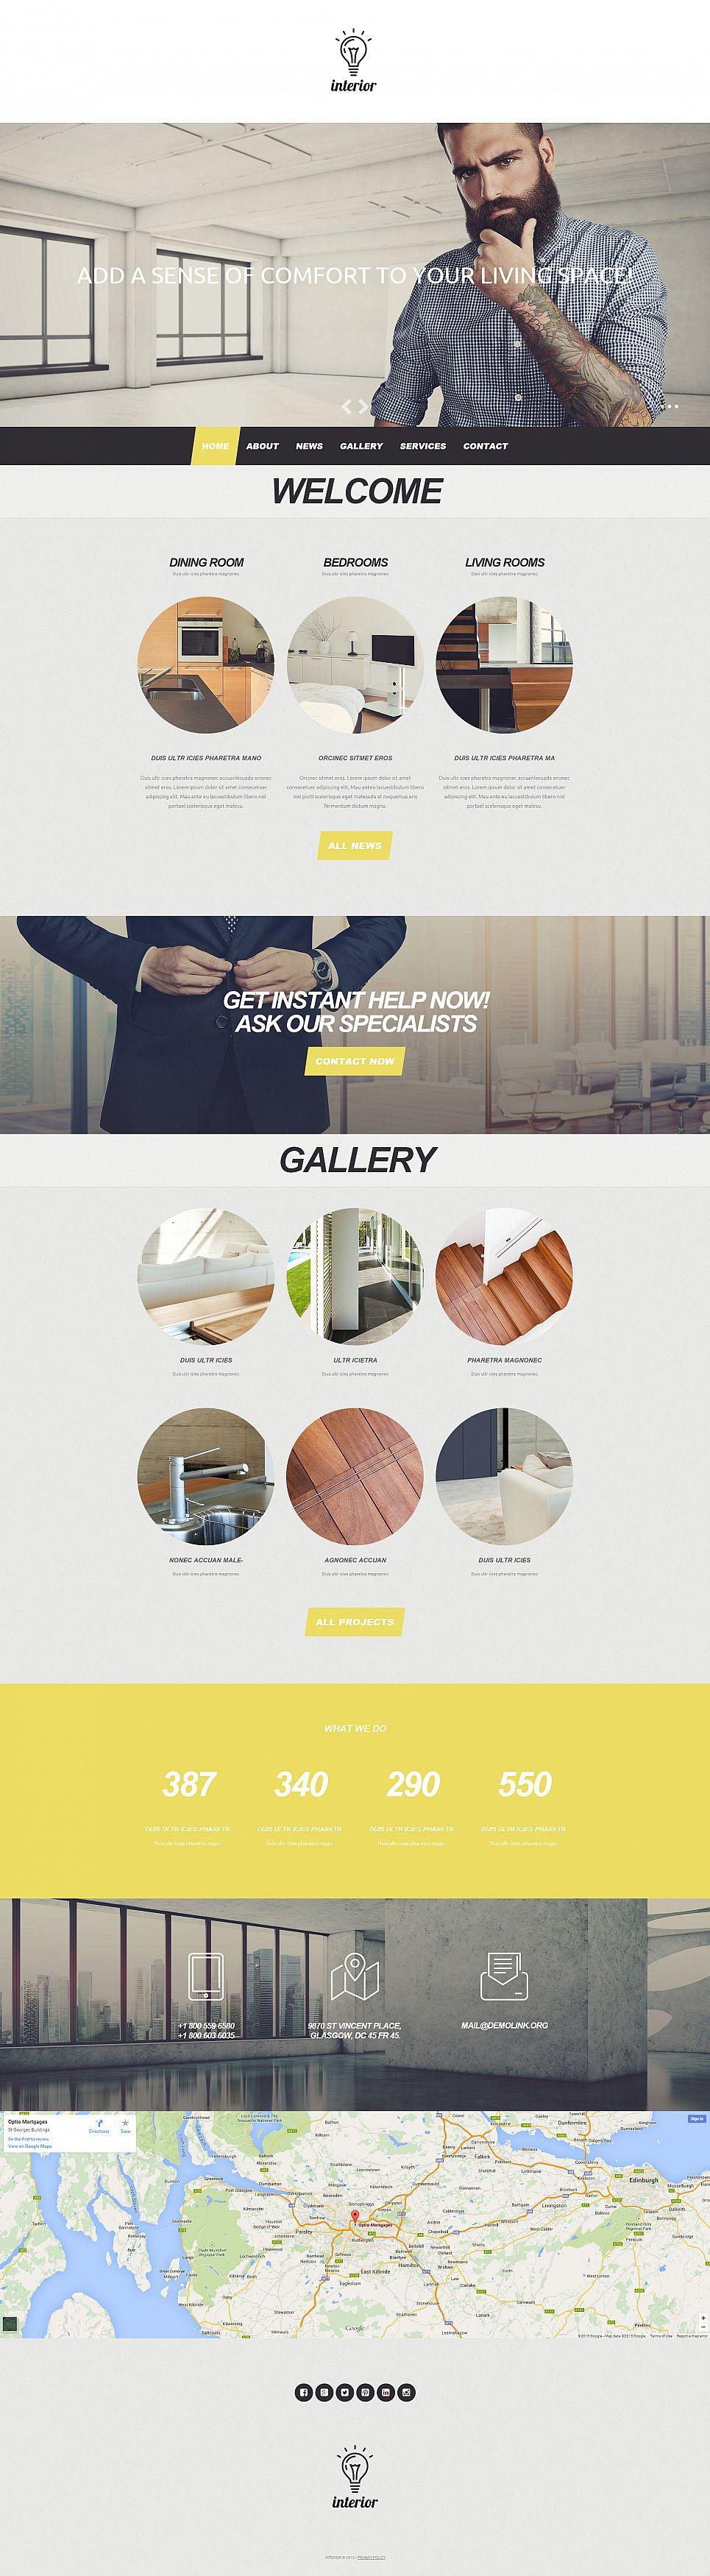 Interior Design Site Template - image